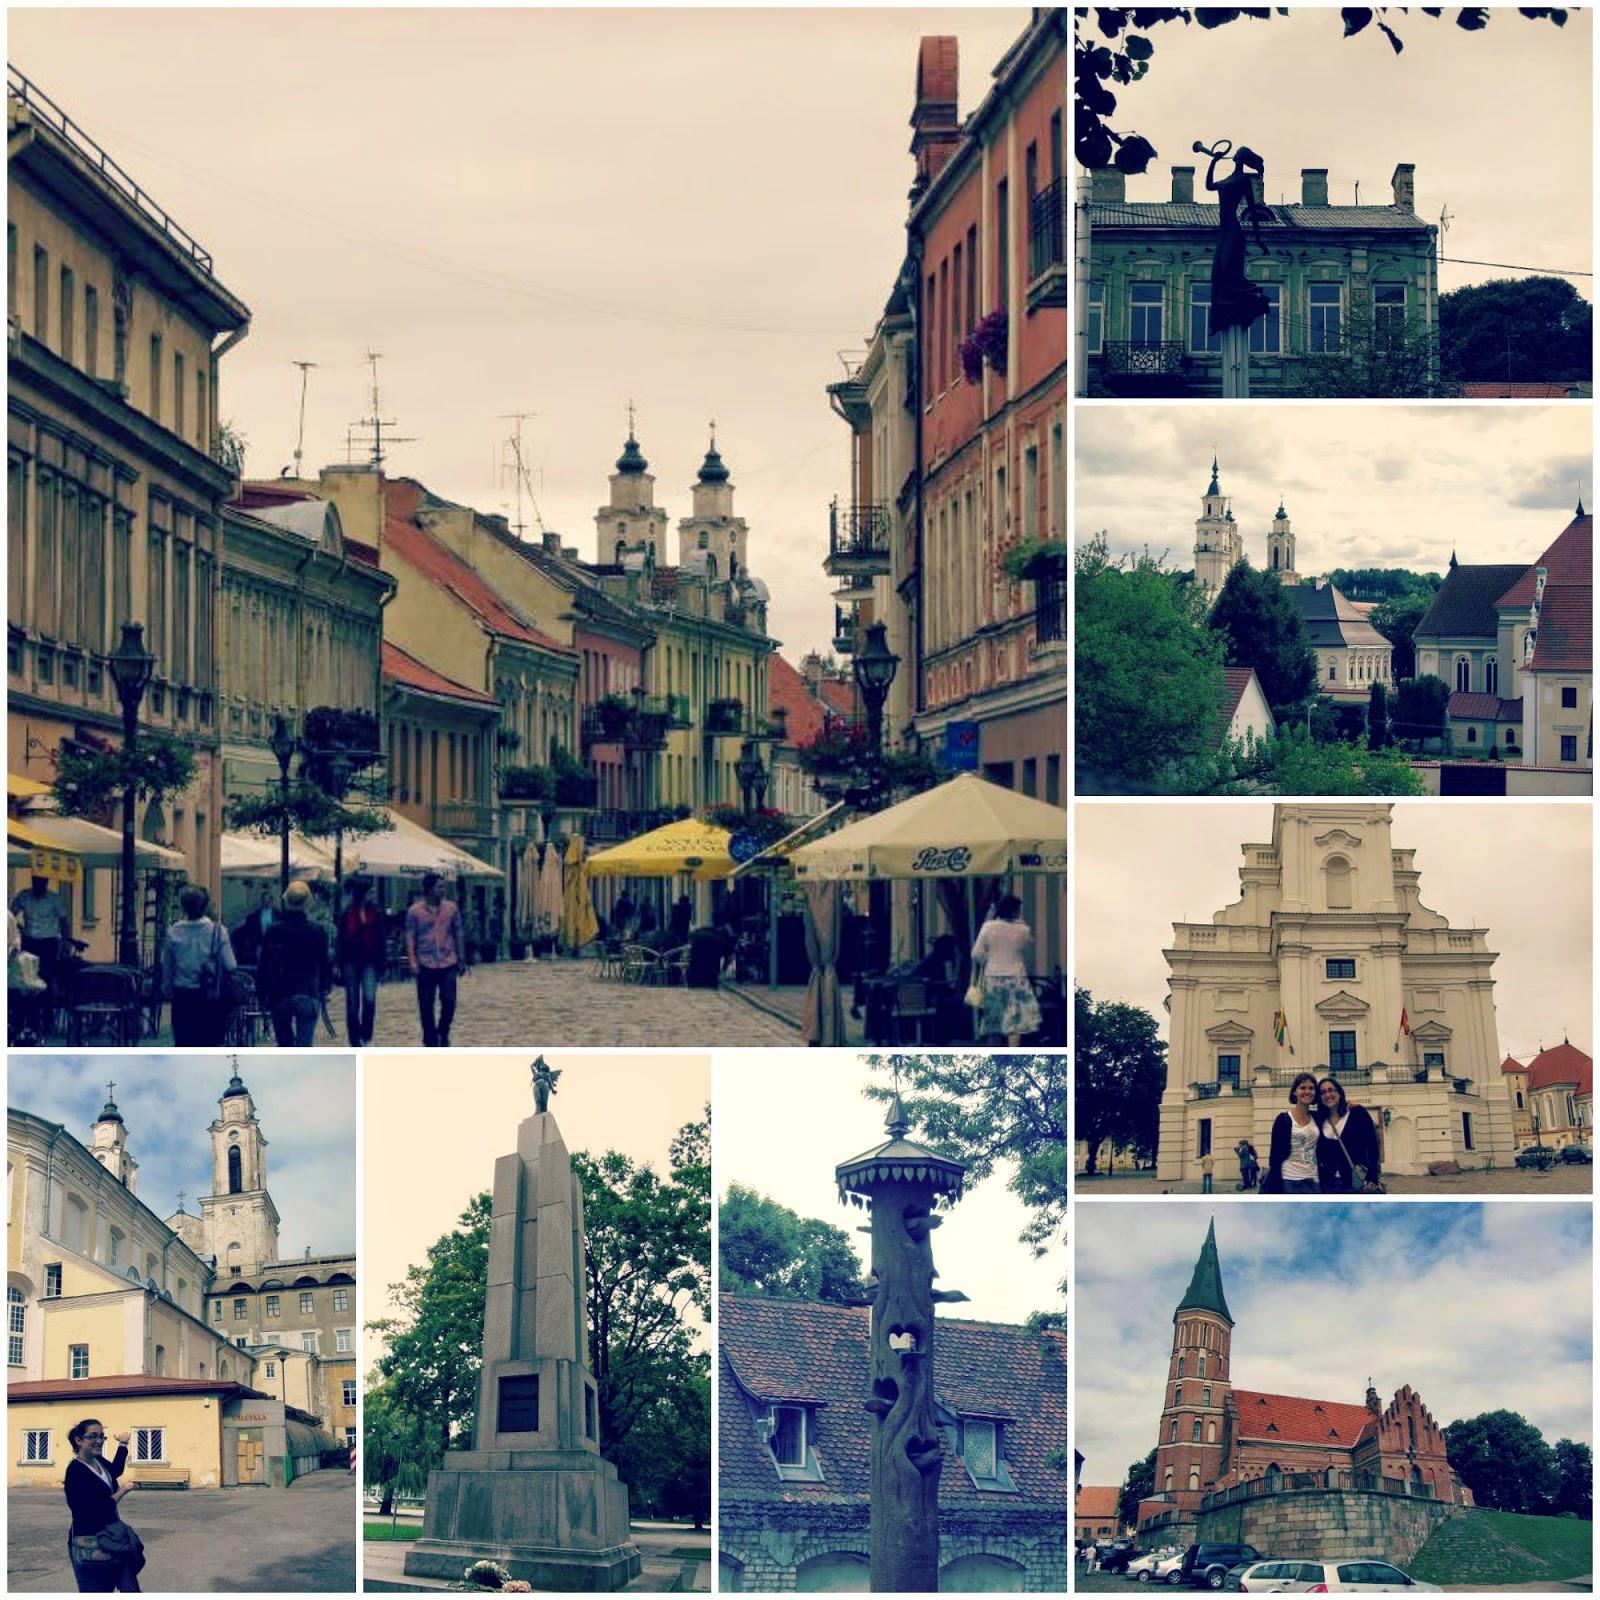 Paseando por Kaunas